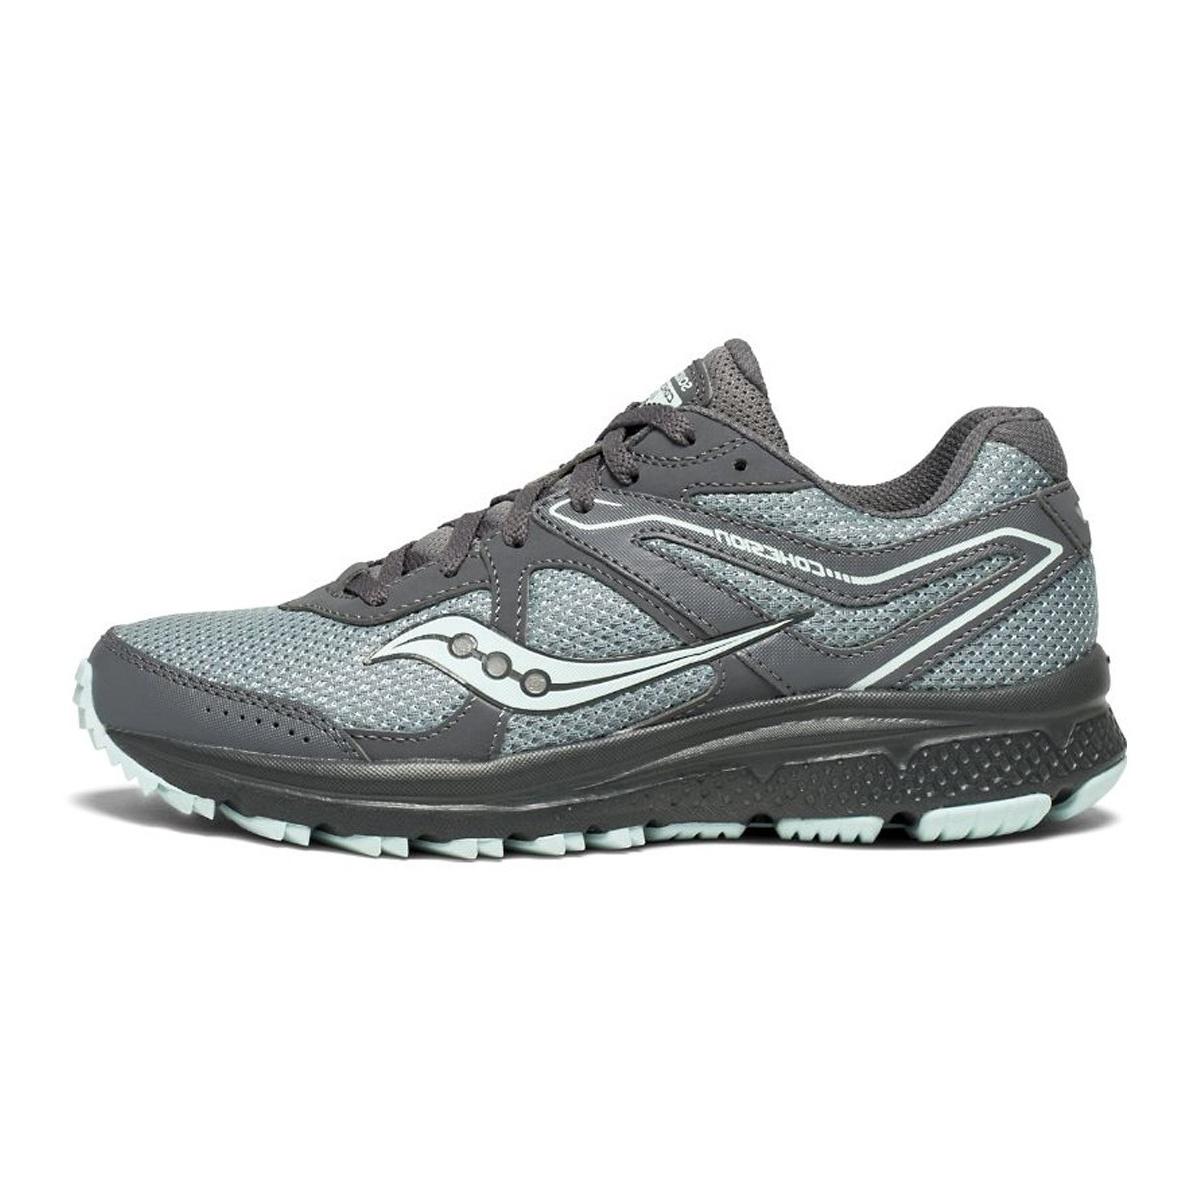 کفش مخصوص دویدن زنانه ساکنی مدل GRID COHESION TR 11 کد 1-S10427